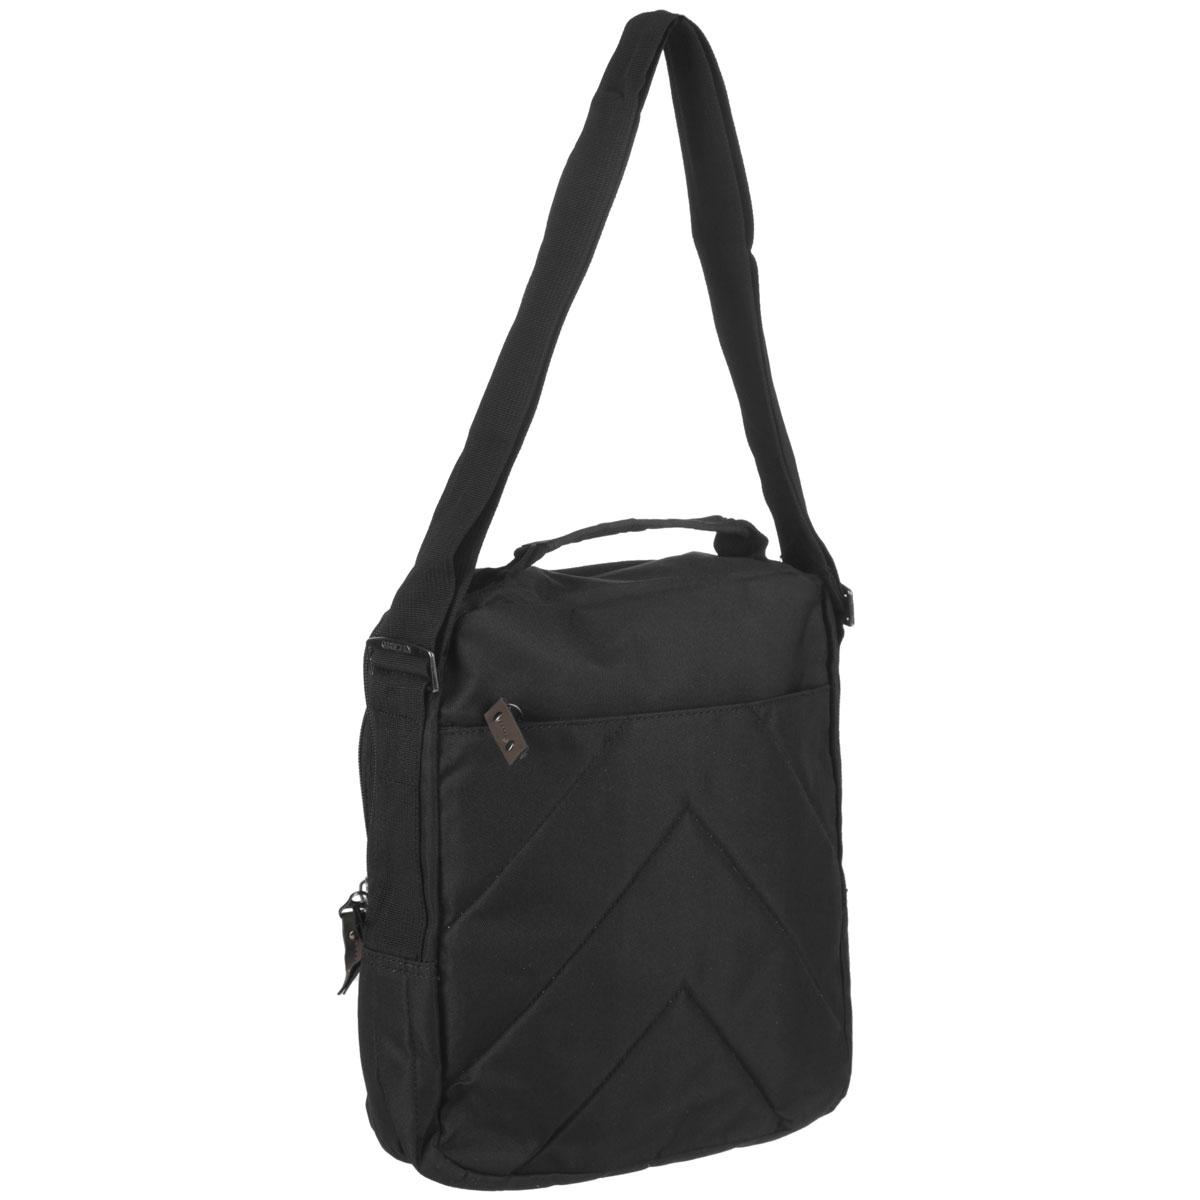 Молодежная сумка с одним отделением на молнии,с передними,задним и внутренним карманами.В переднем кармане имеется карман-органайзер.Сумка имеет укрепленное дно,ручку для переноски и регулируемый ремень.